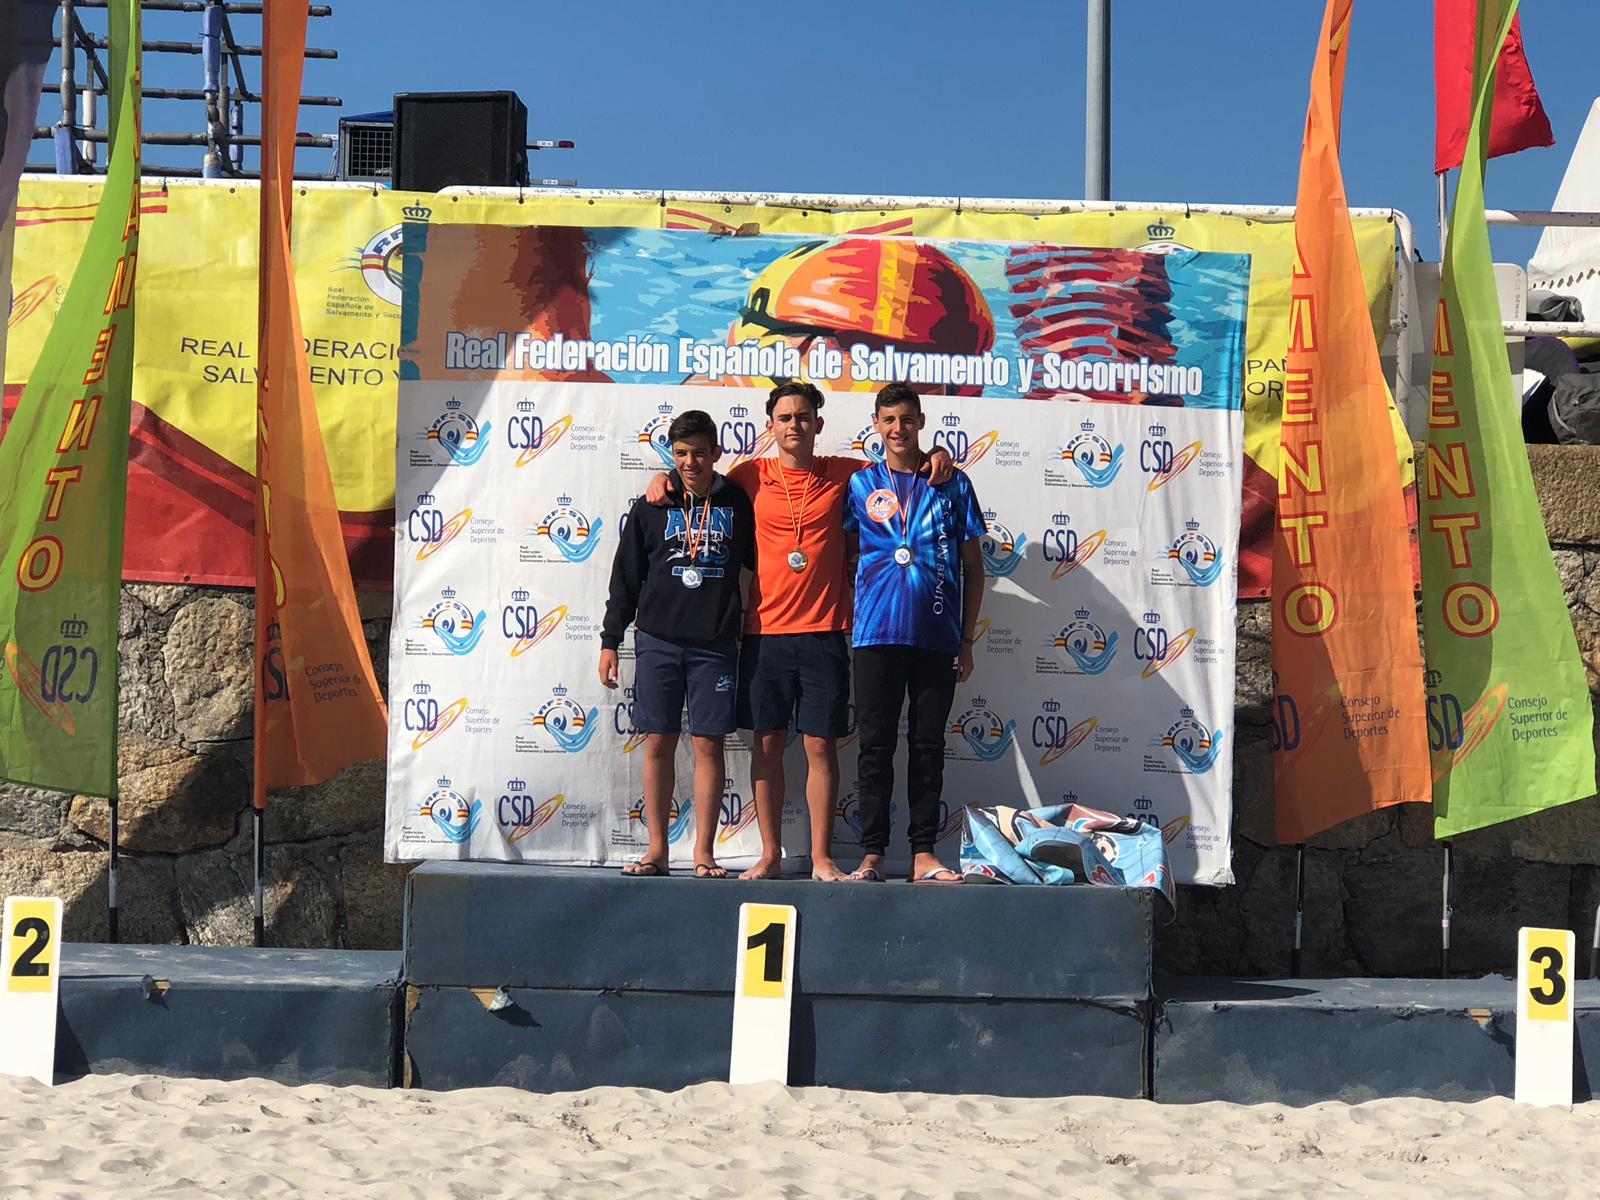 El Club Salvamento y Socorrismo Don Benito participó en el Campeonato de España Infantil y Cadete de Verano (3)